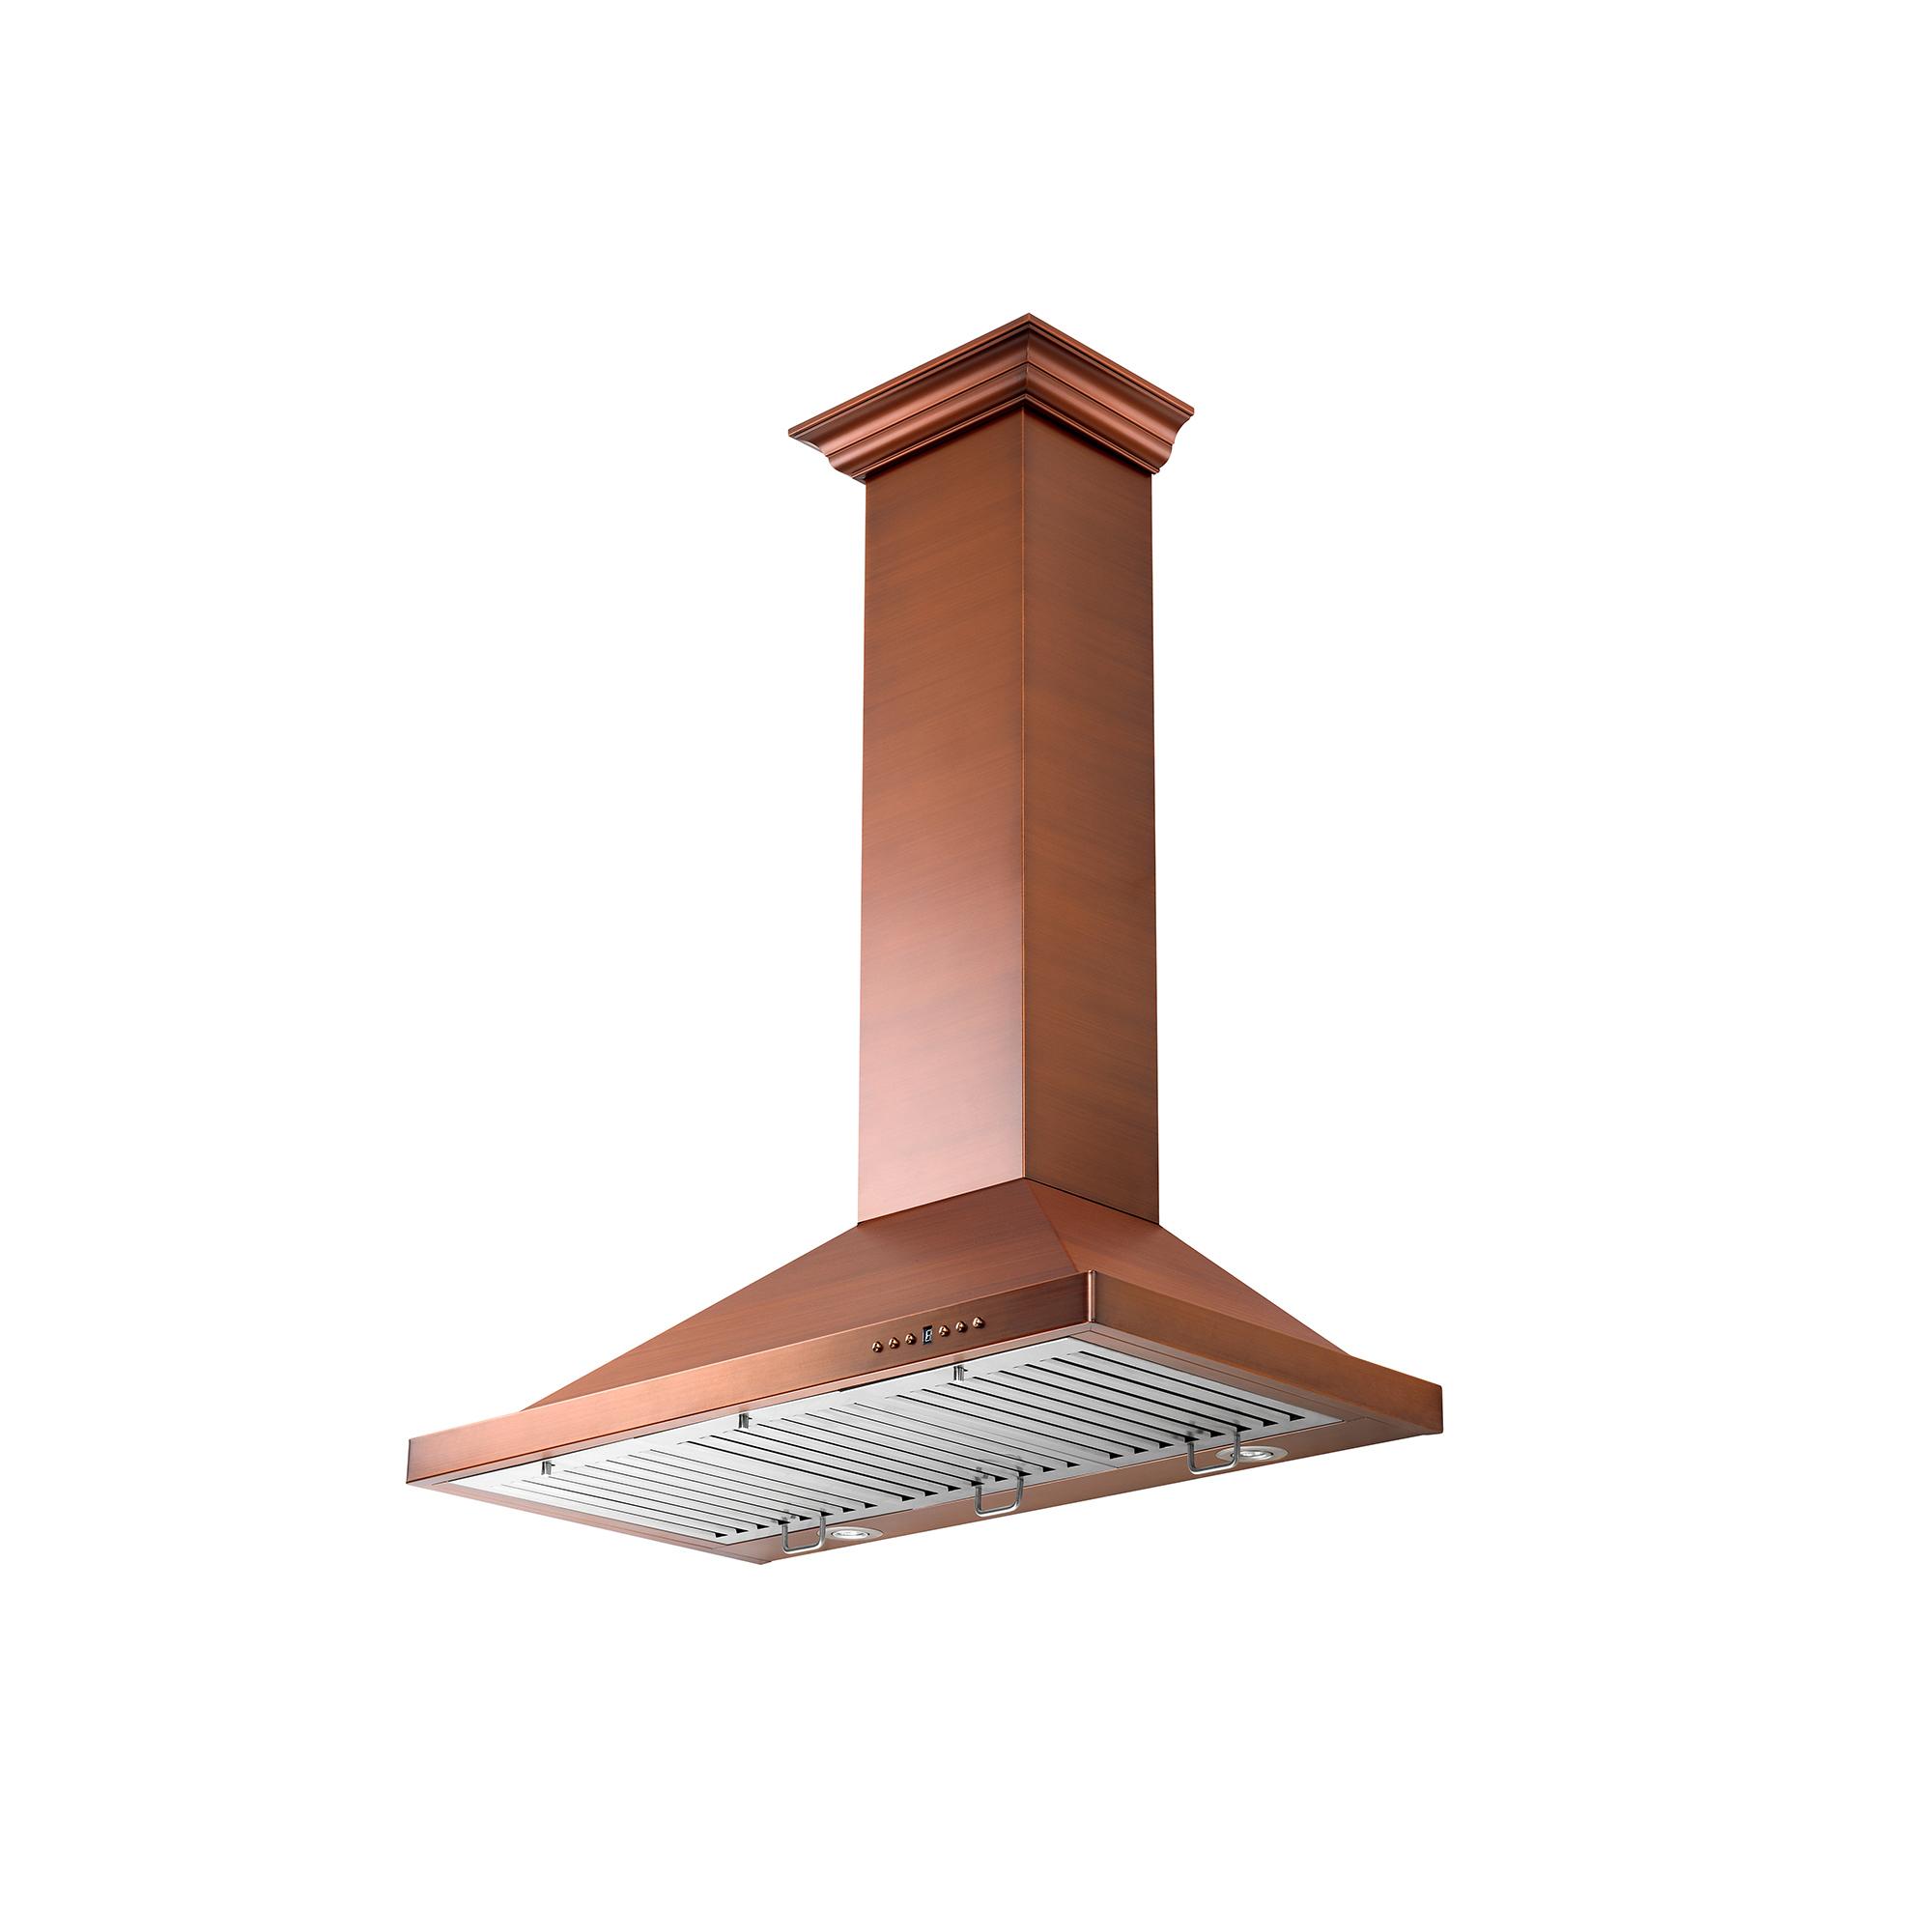 zline-copper-wall-mounted-range-hood-8KBC-side.jpg